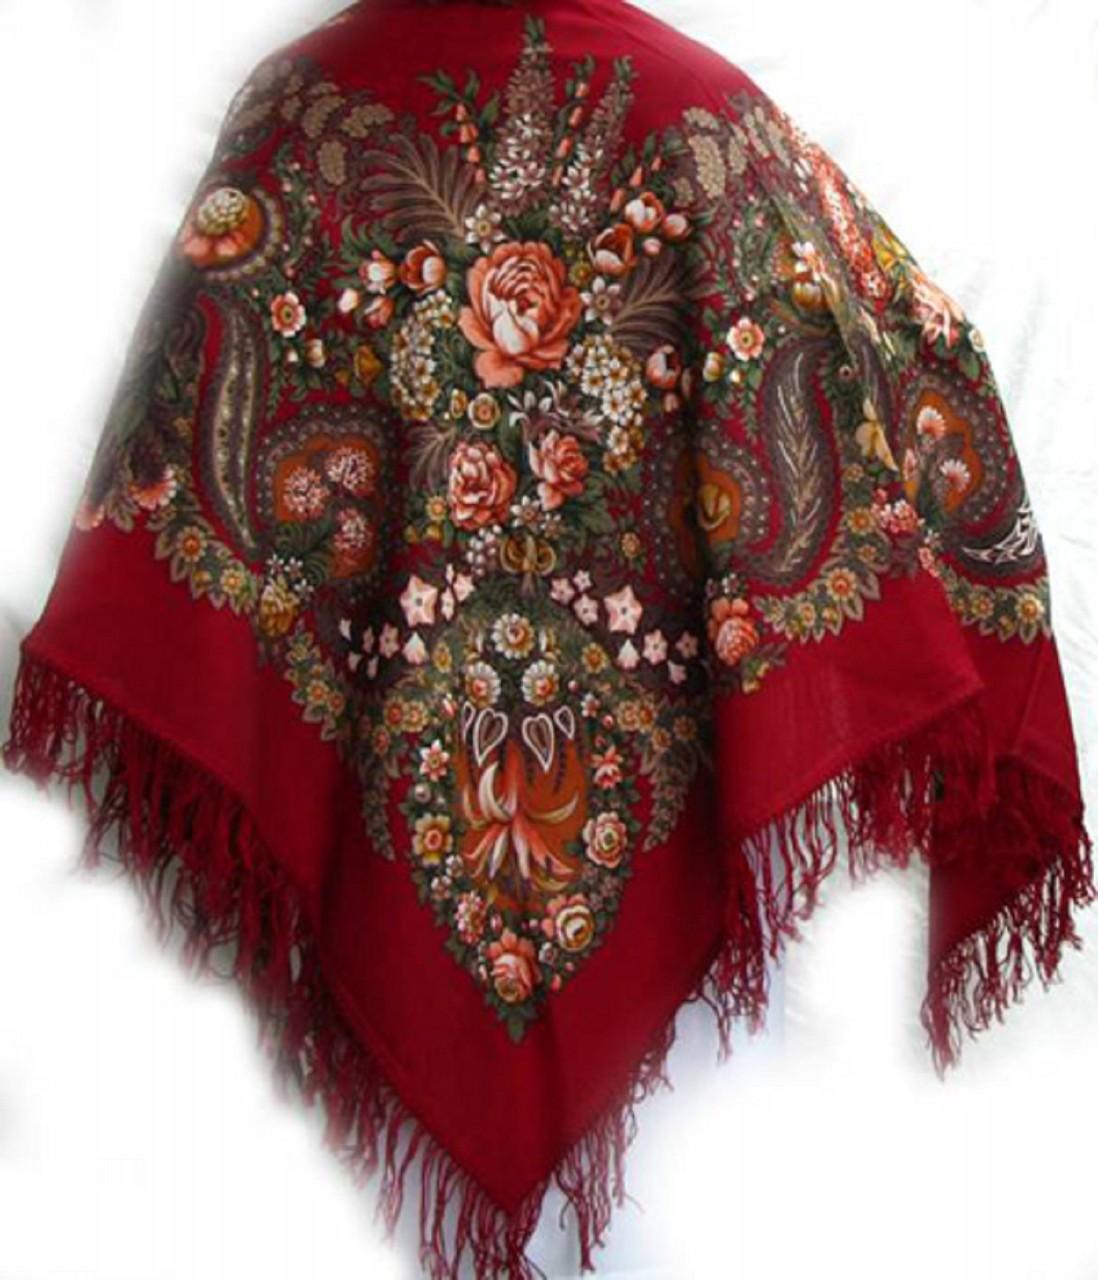 Картинка русский платок на прозрачном фоне был